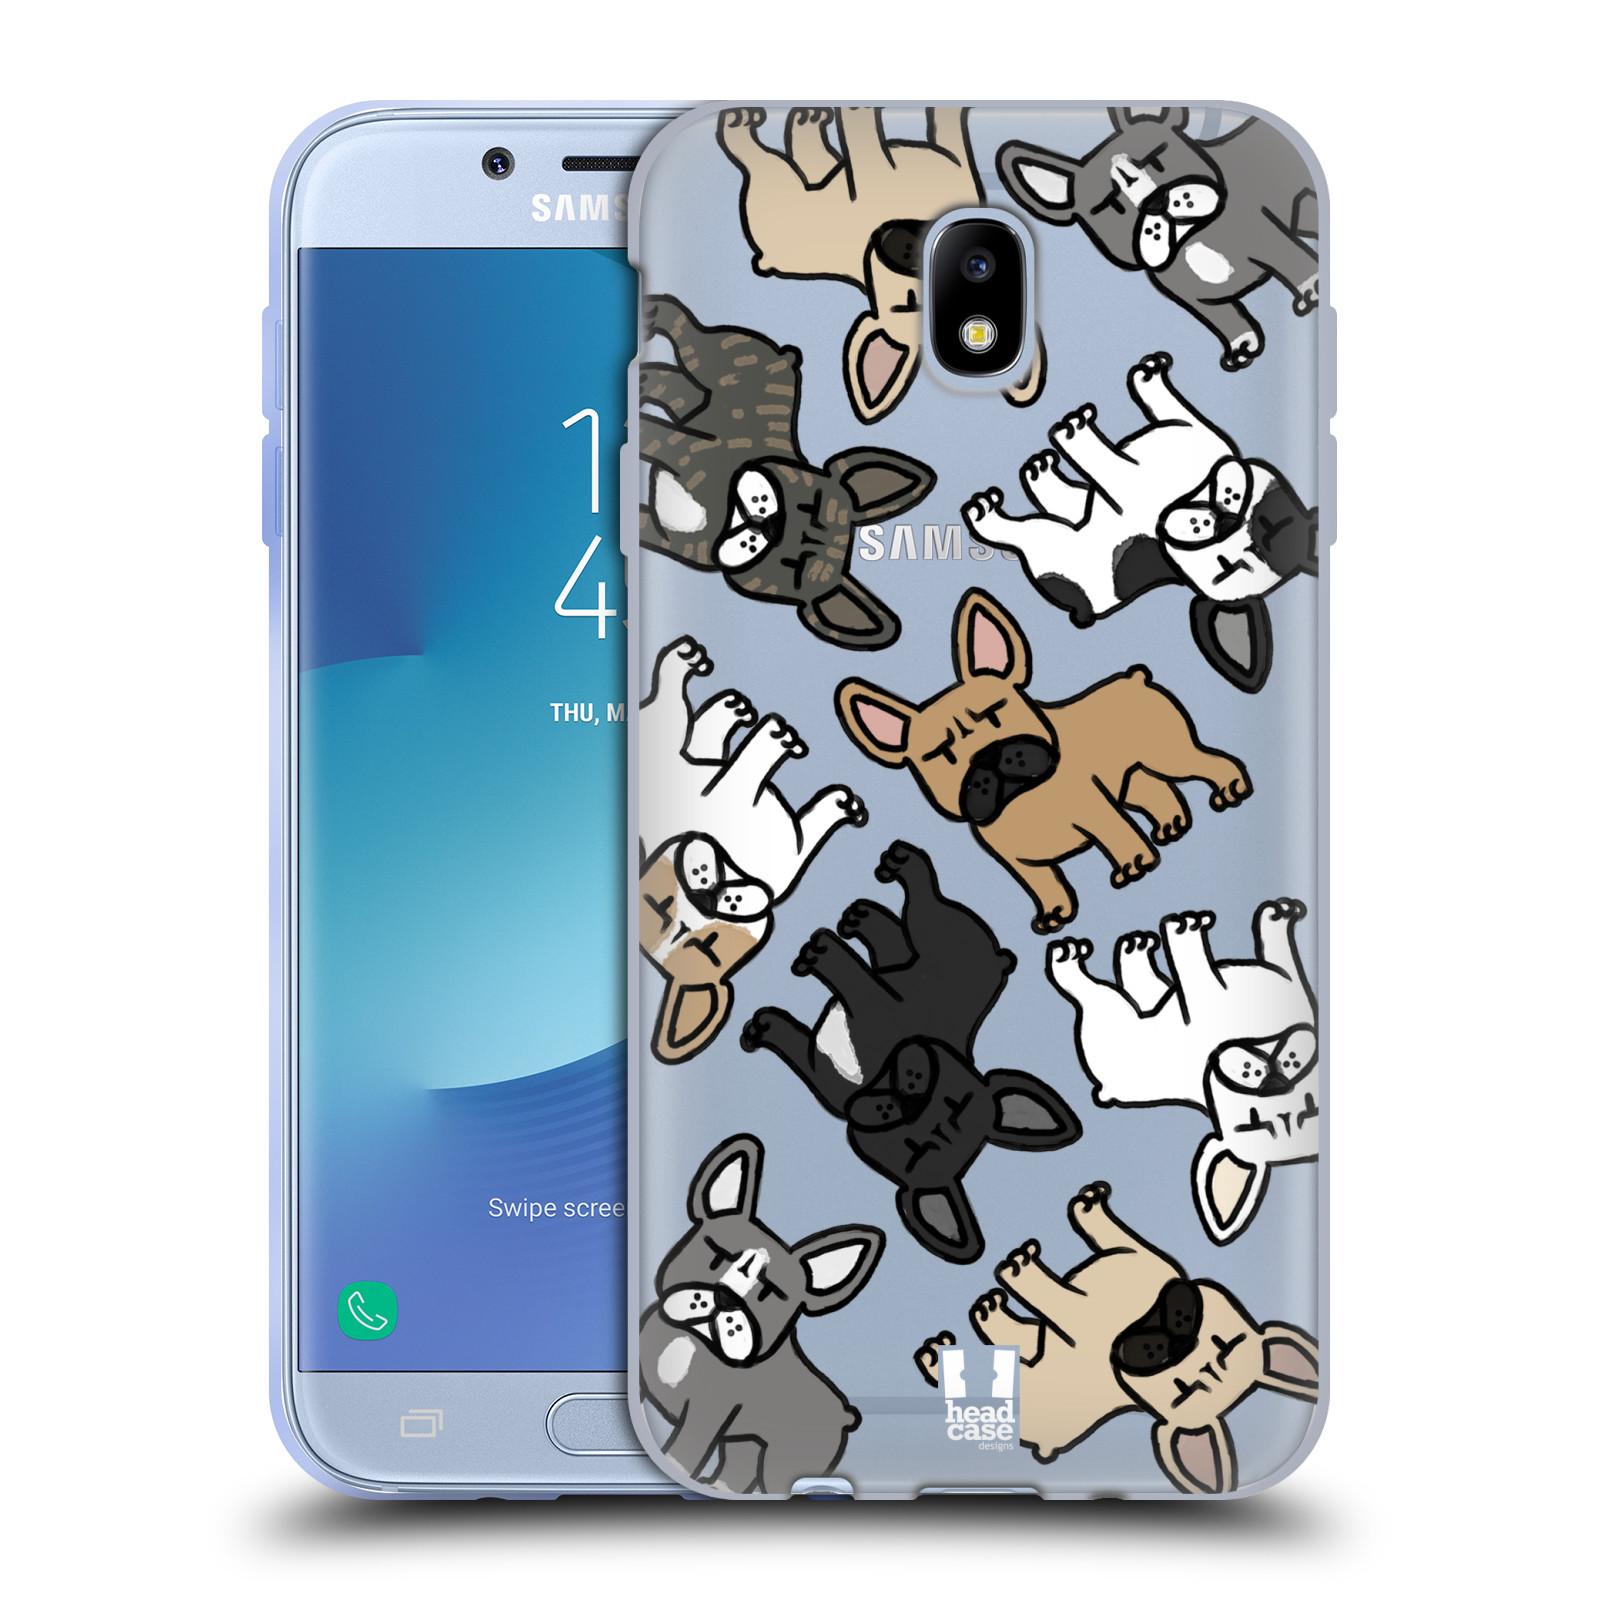 Silikonové pouzdro na mobil Samsung Galaxy J7 (2017) - Head Case - Francouzští buldočci